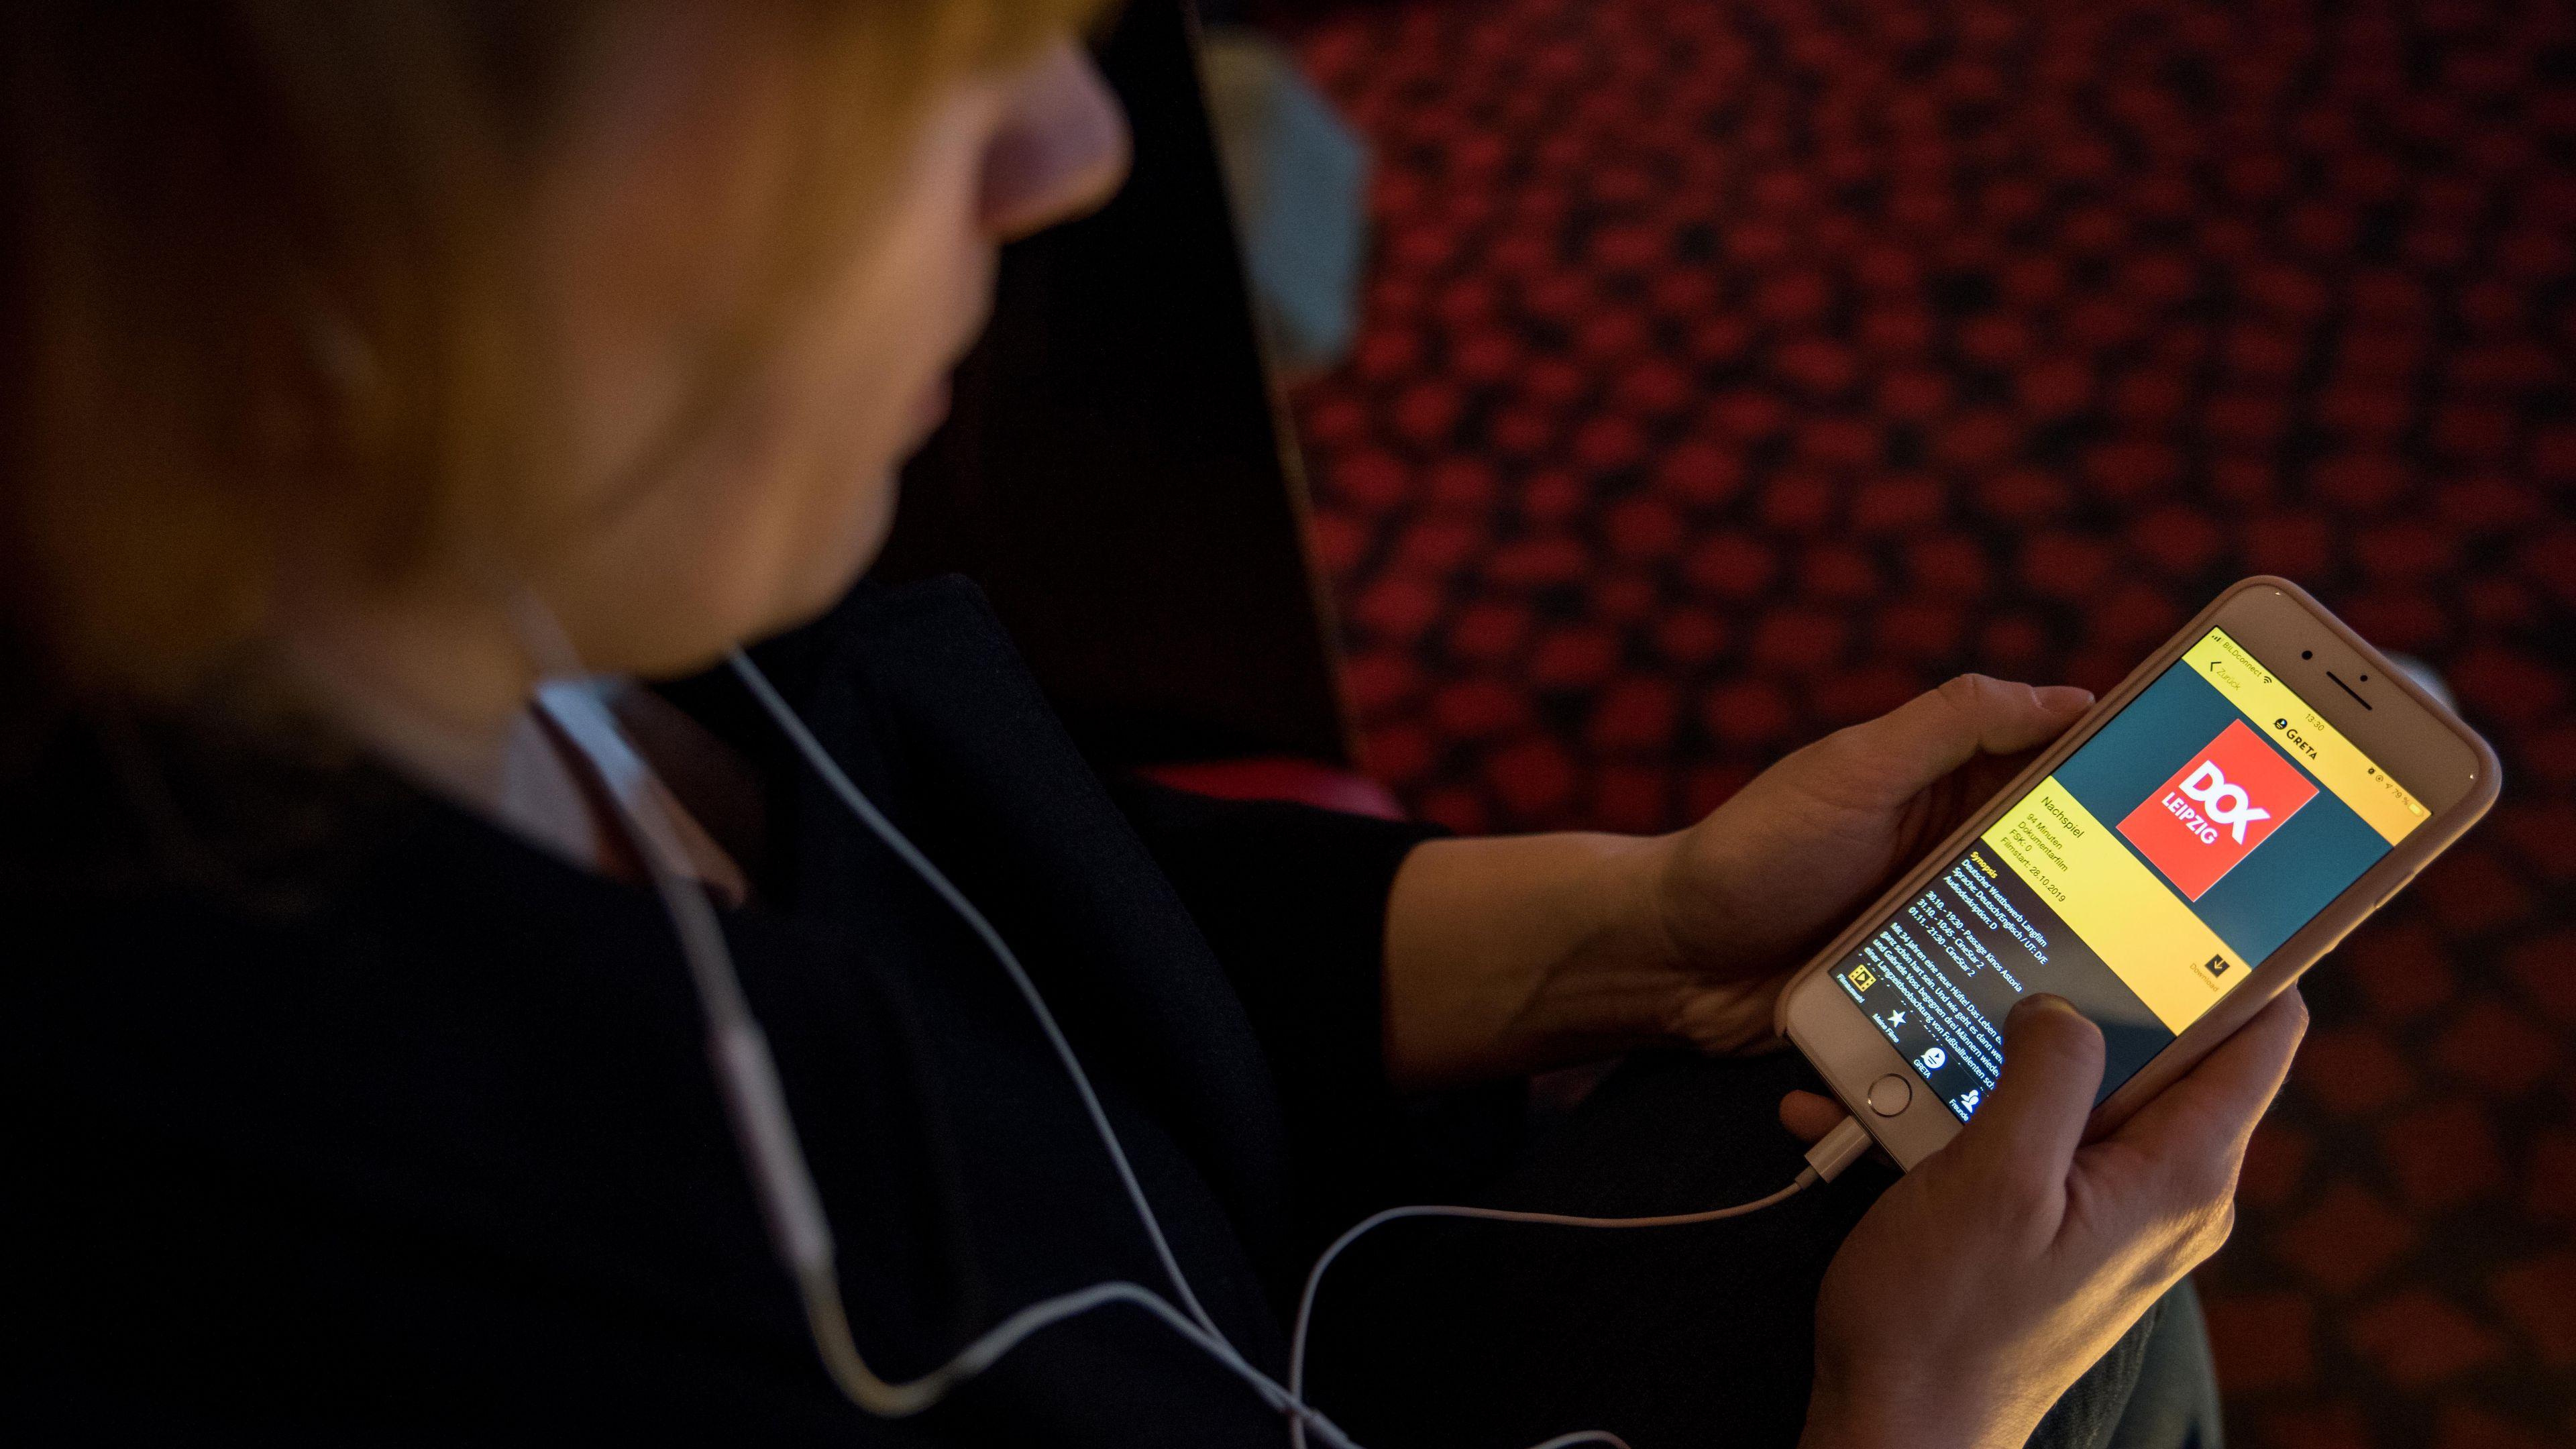 Der*die Betrachter*in sieht über die Schulter einer Frau auf einen Handybildschirm, der eine App für Audiodeskription zeigt